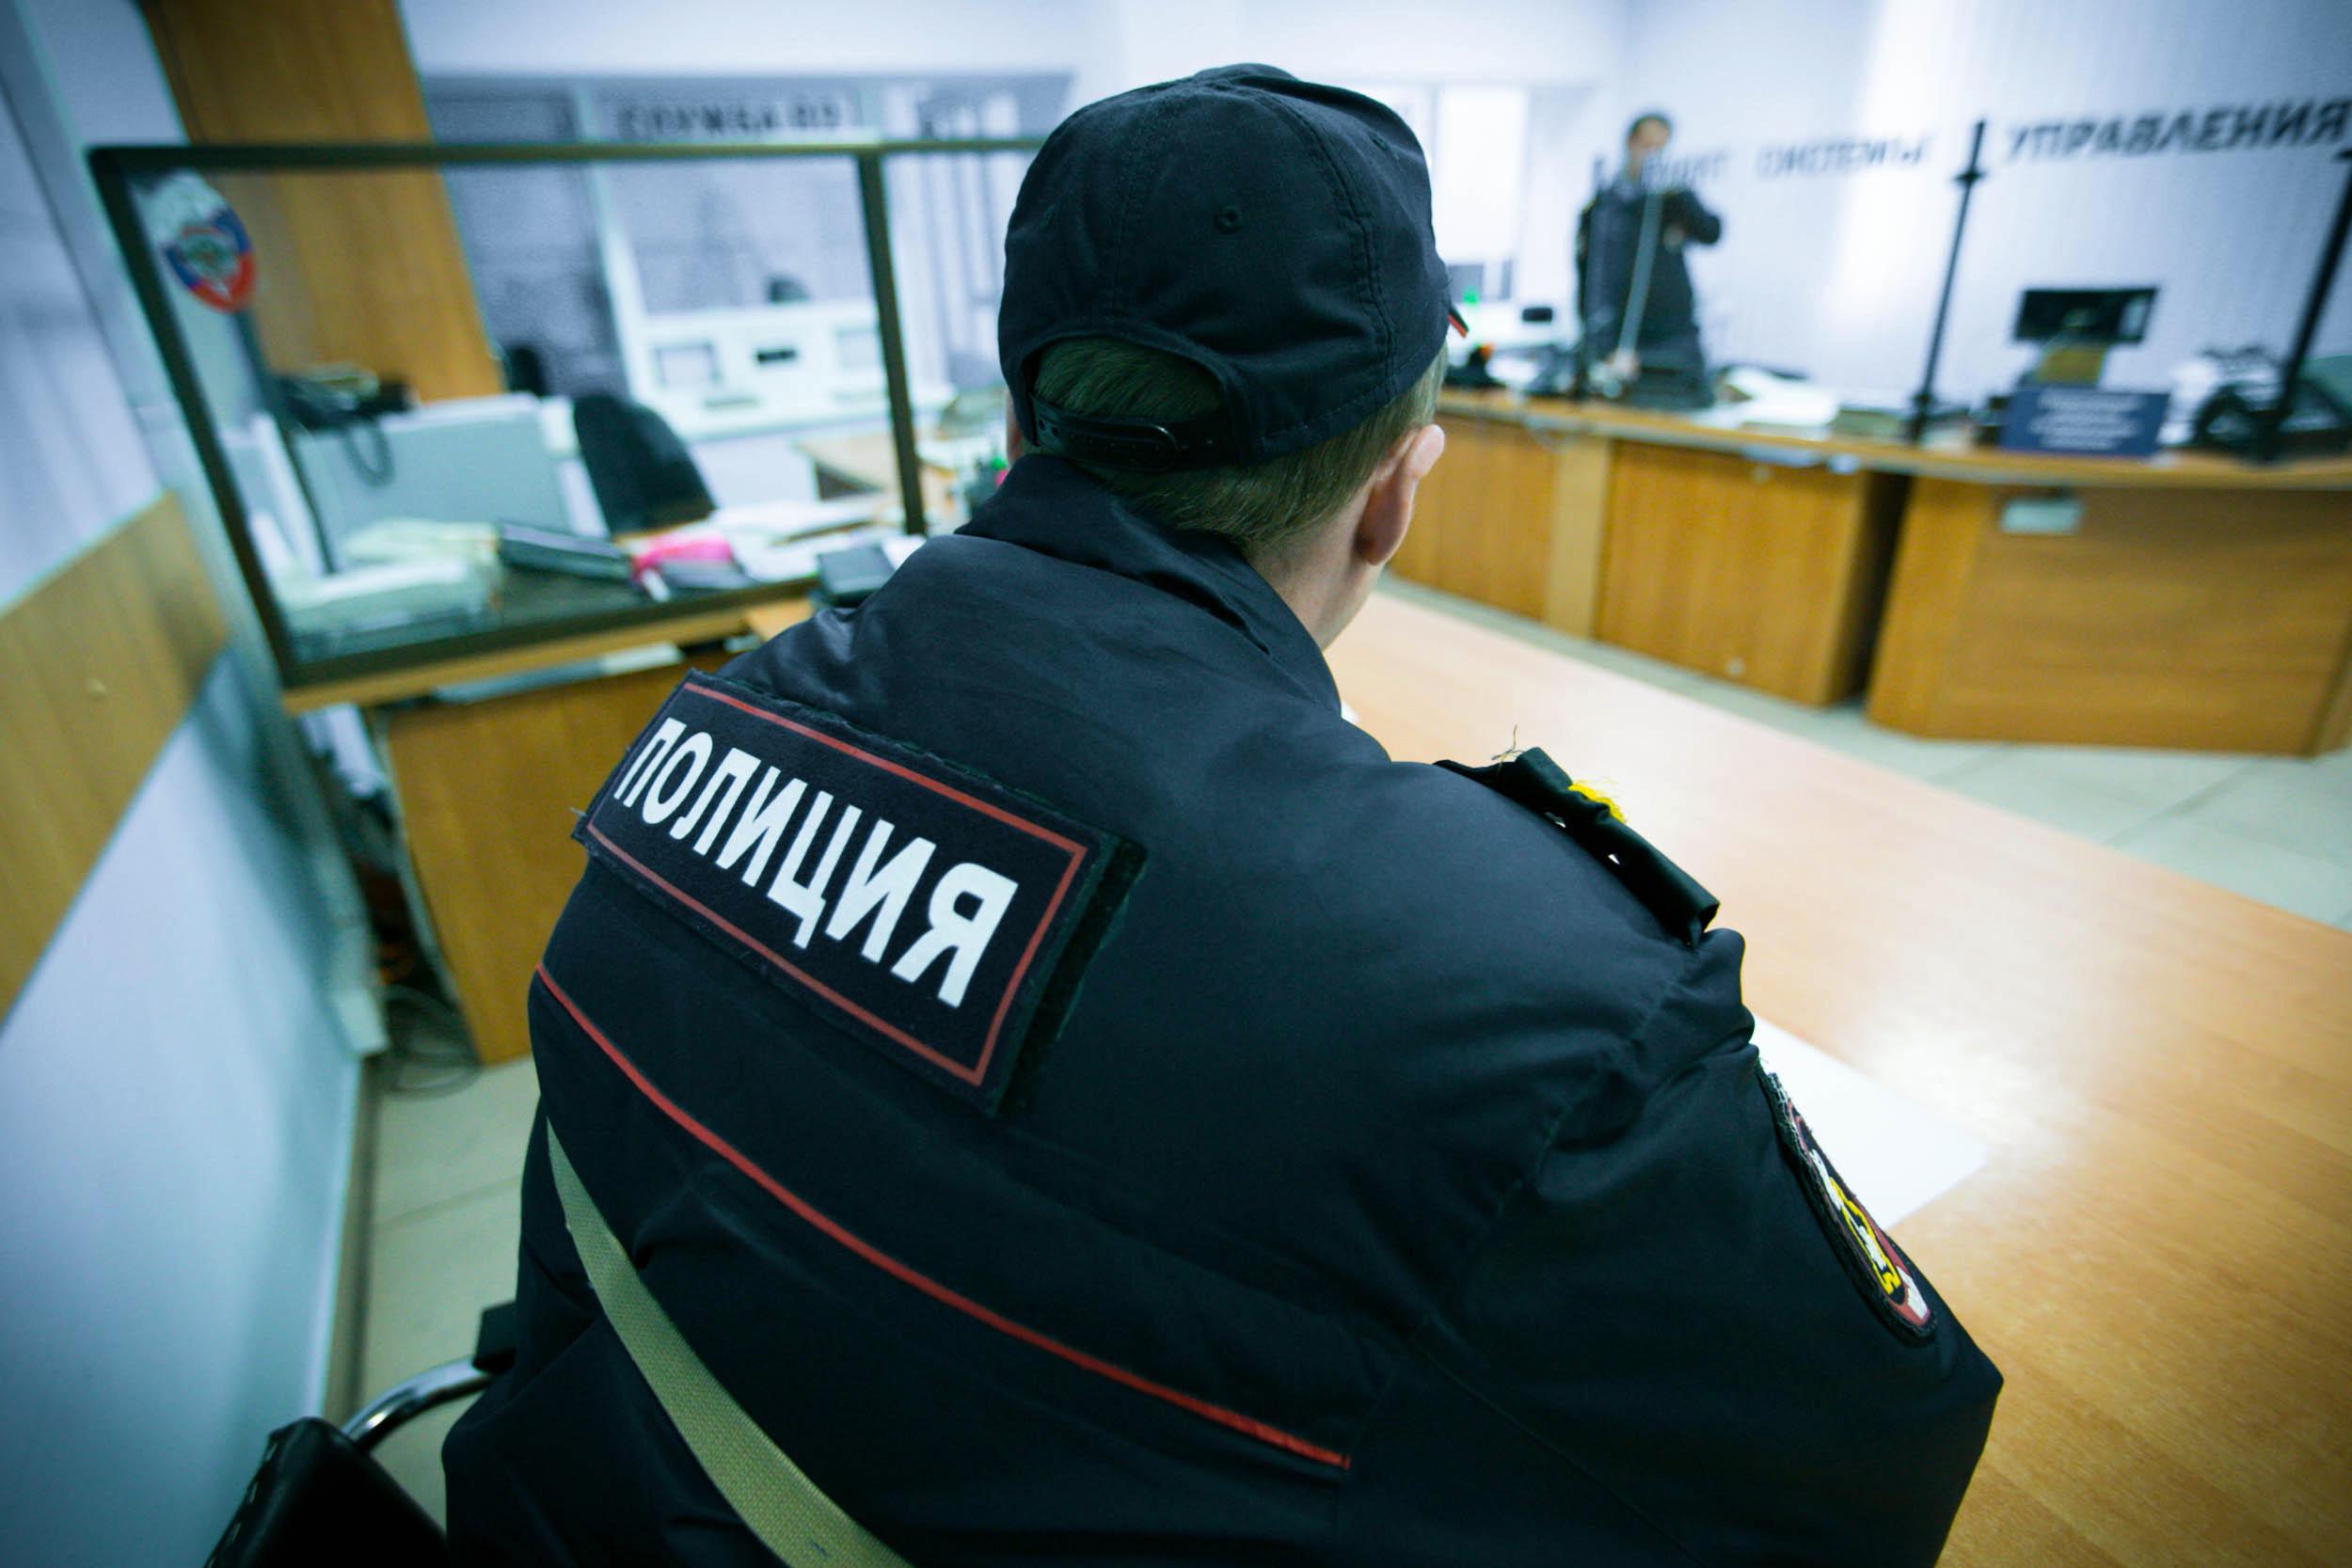 В Дагестане задержали жительниц Череповца, приехавших к «женихам»